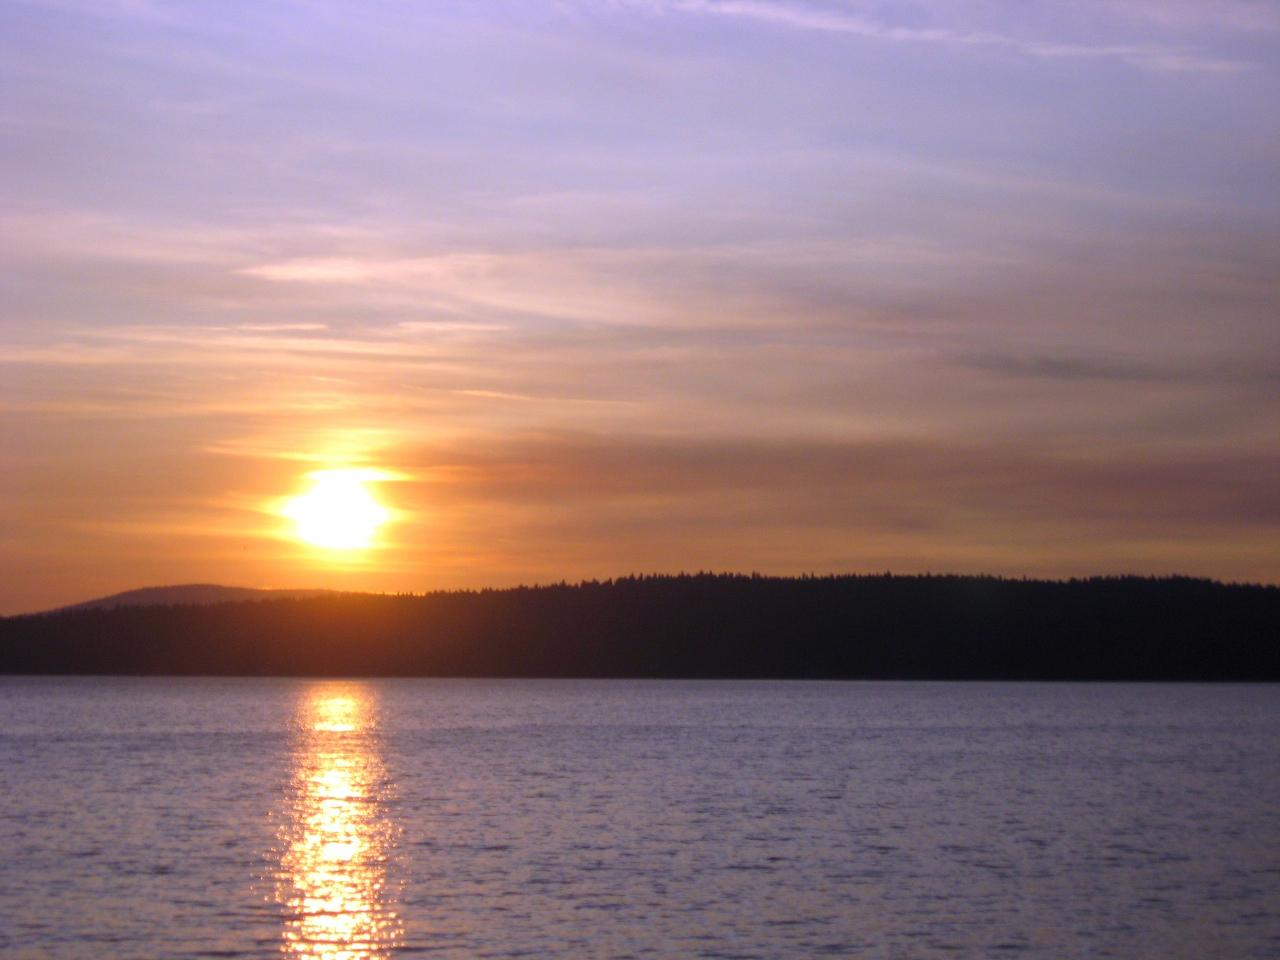 Lake Almanor at sunset #2